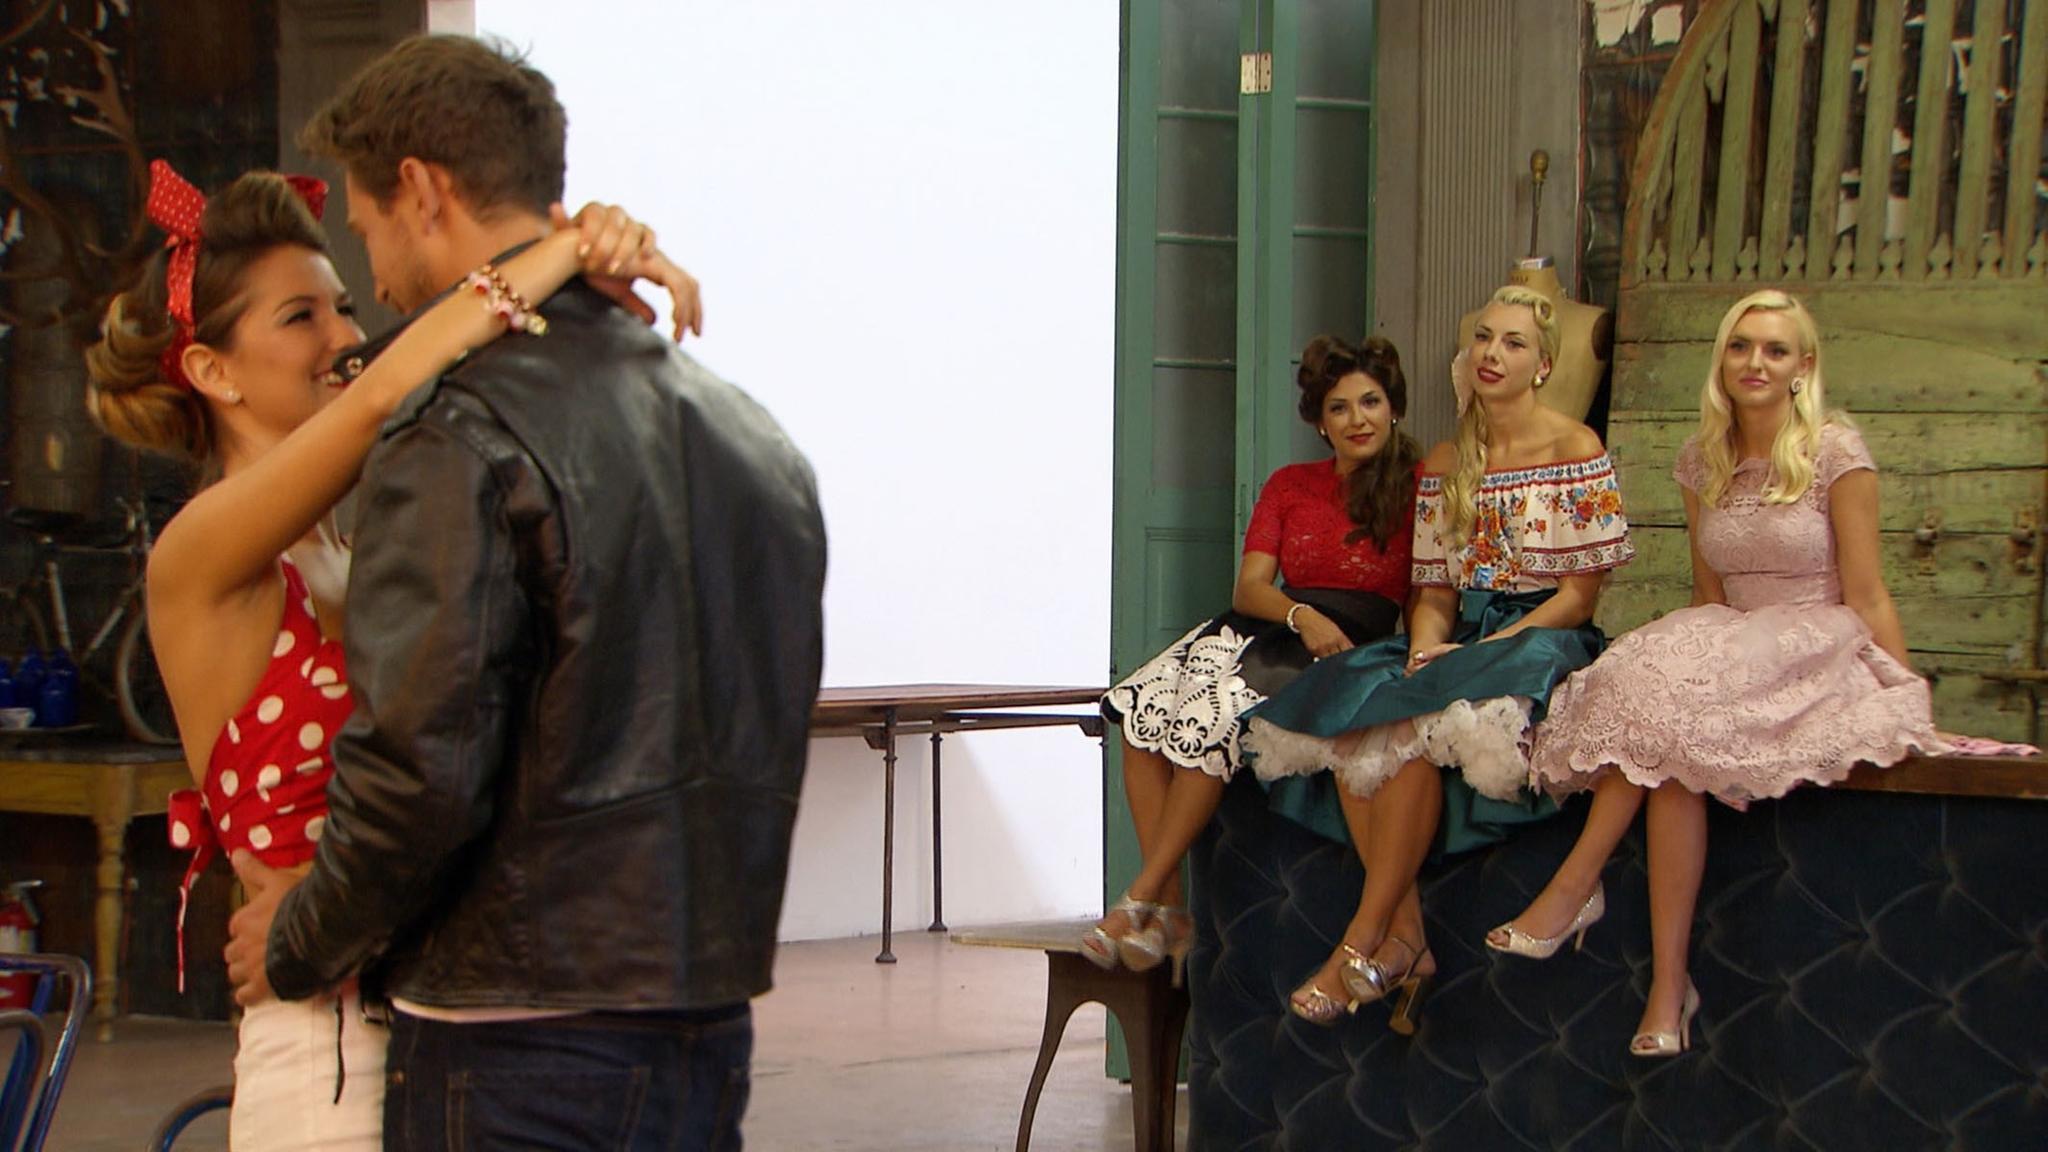 Viola und Sebastian kommen sich beim Fotoshooting näher. Inci, Janika und Erika können nur zuschauen.